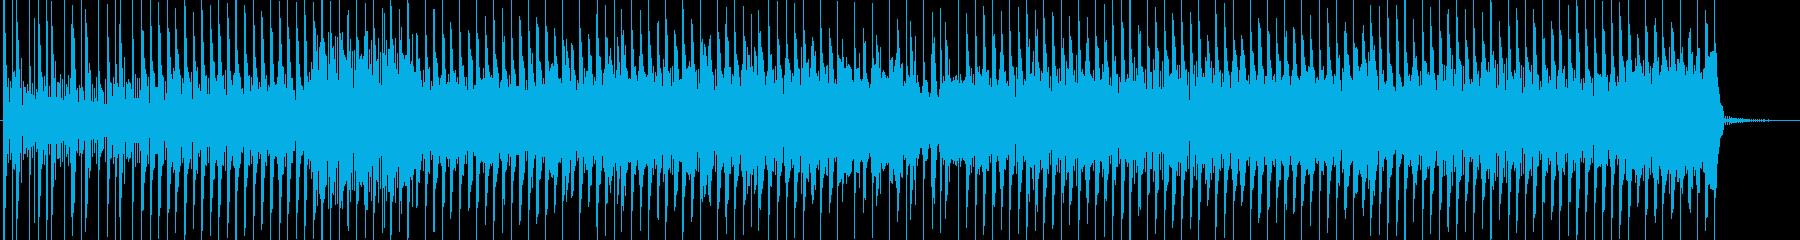 シンセサイザー、ベース、ドラム、エ...の再生済みの波形